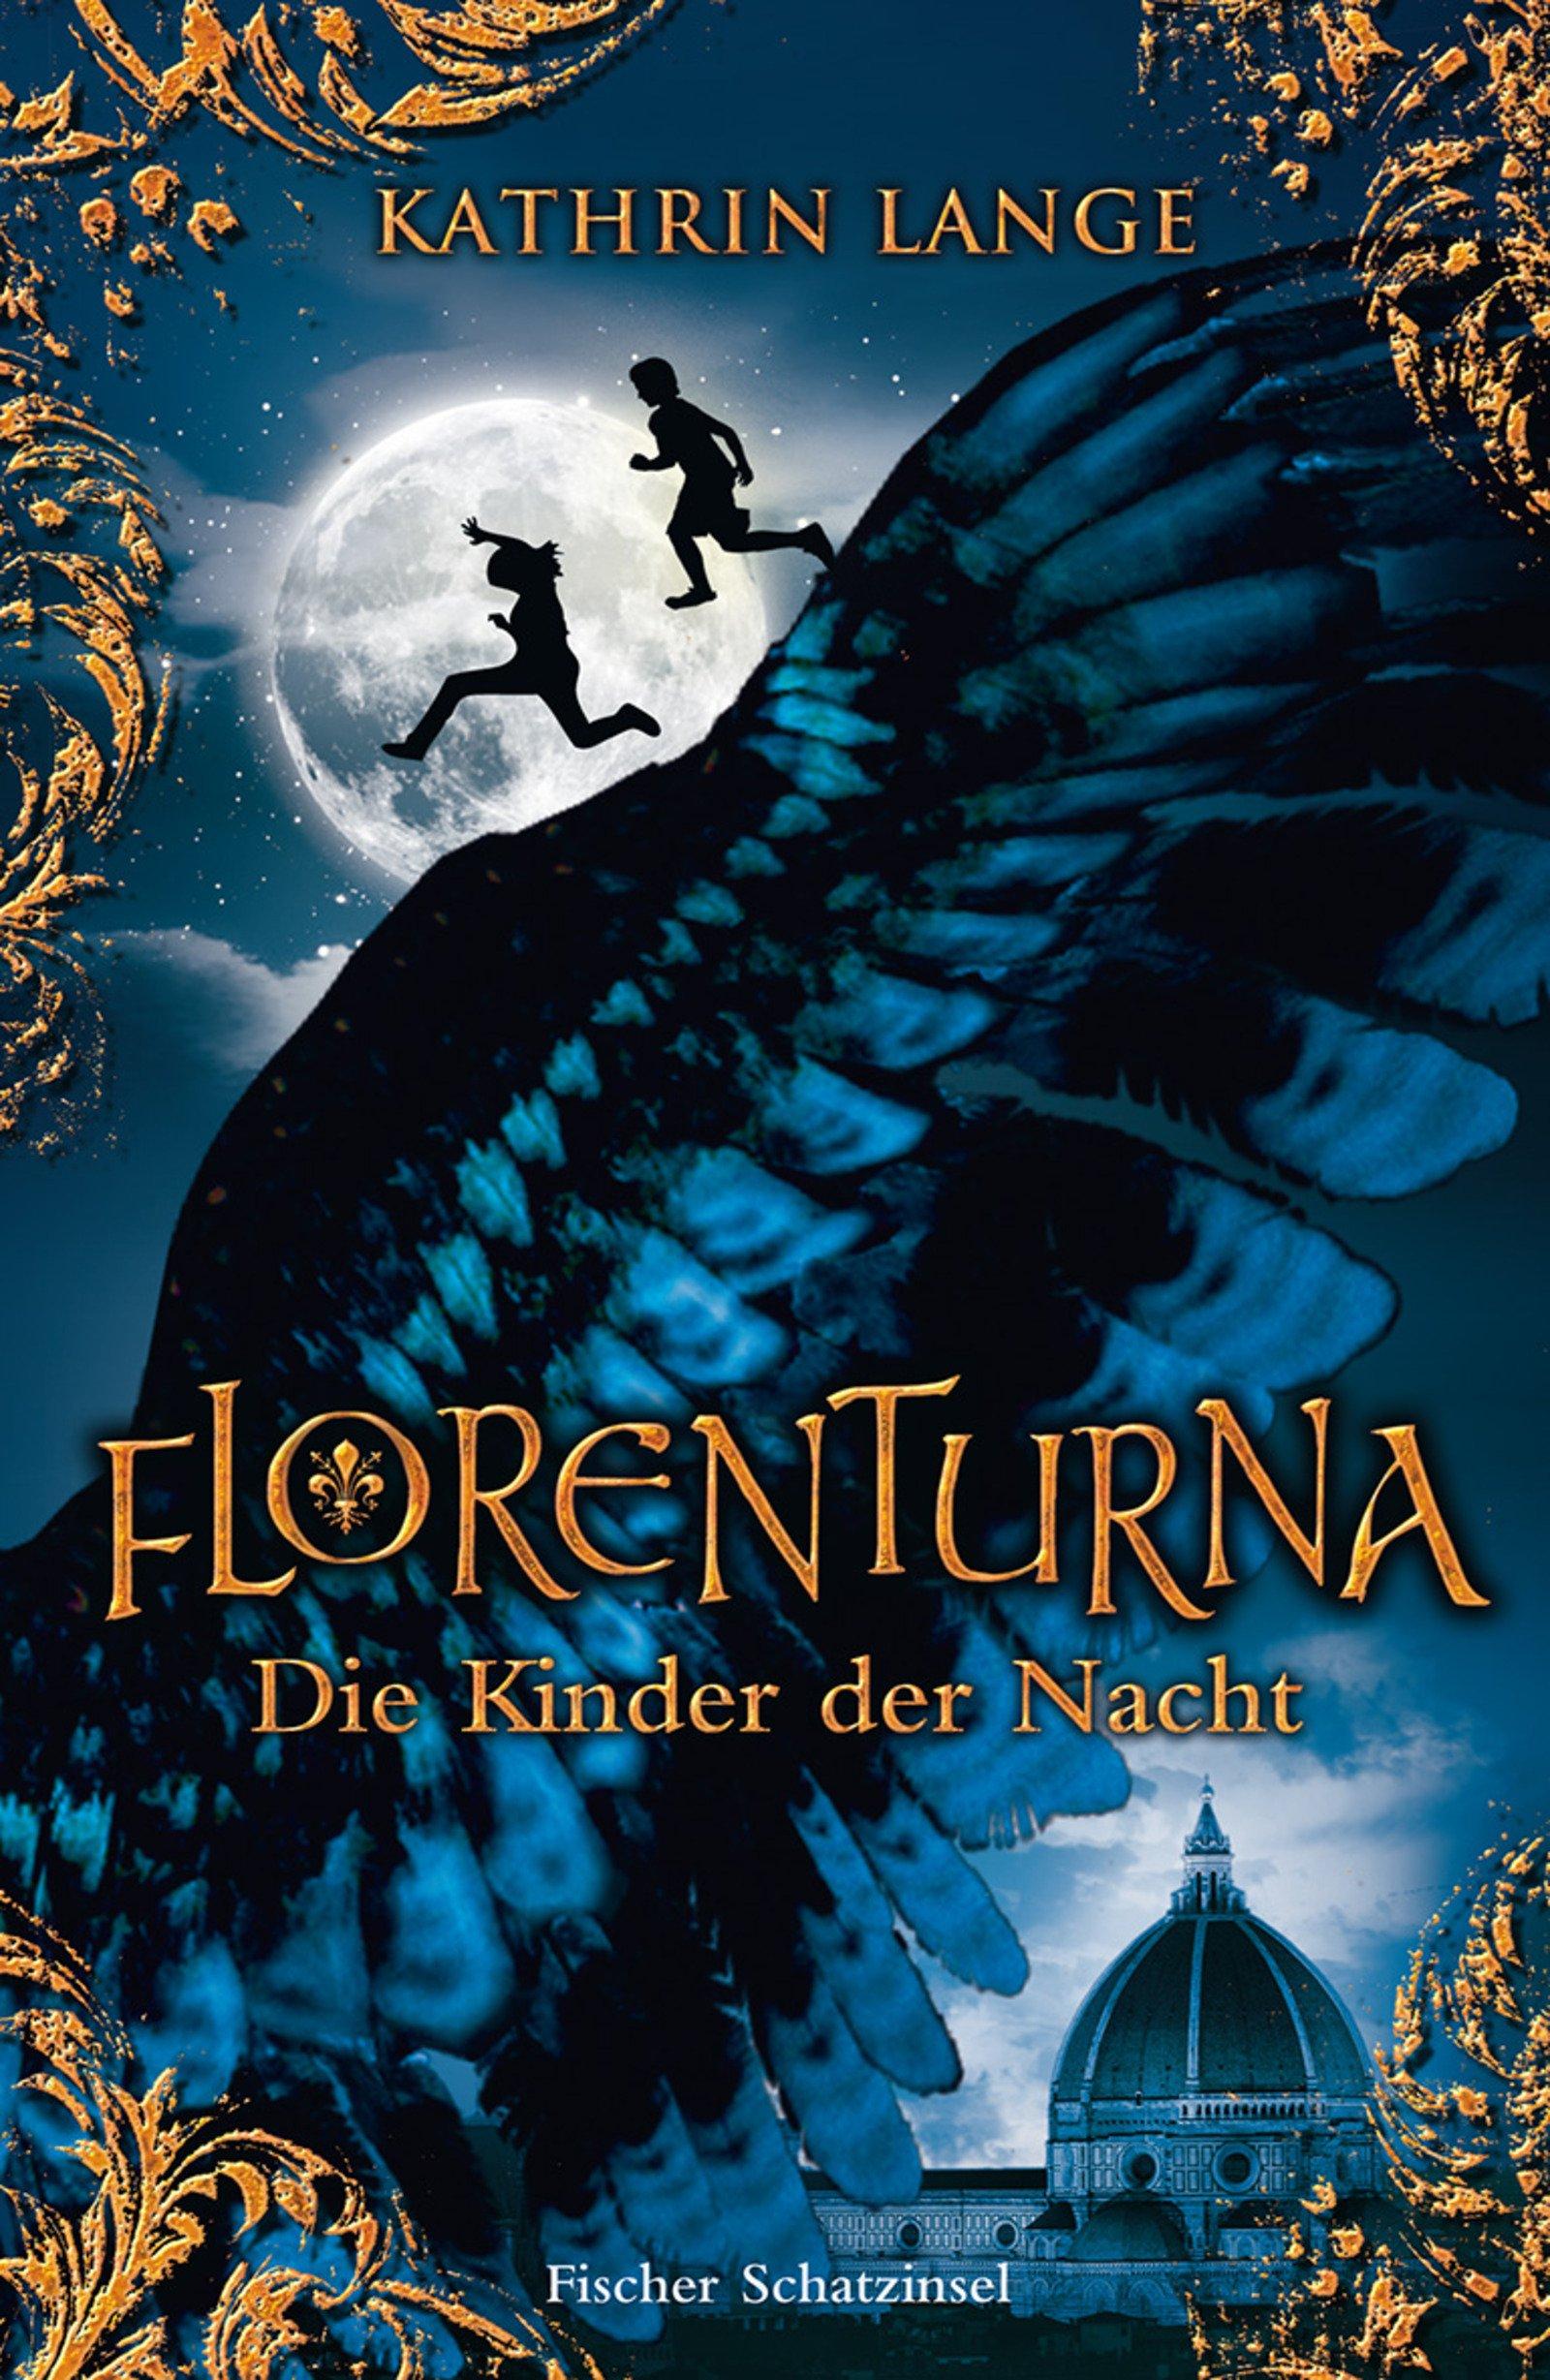 Florenturna – Die Kinder der Nacht